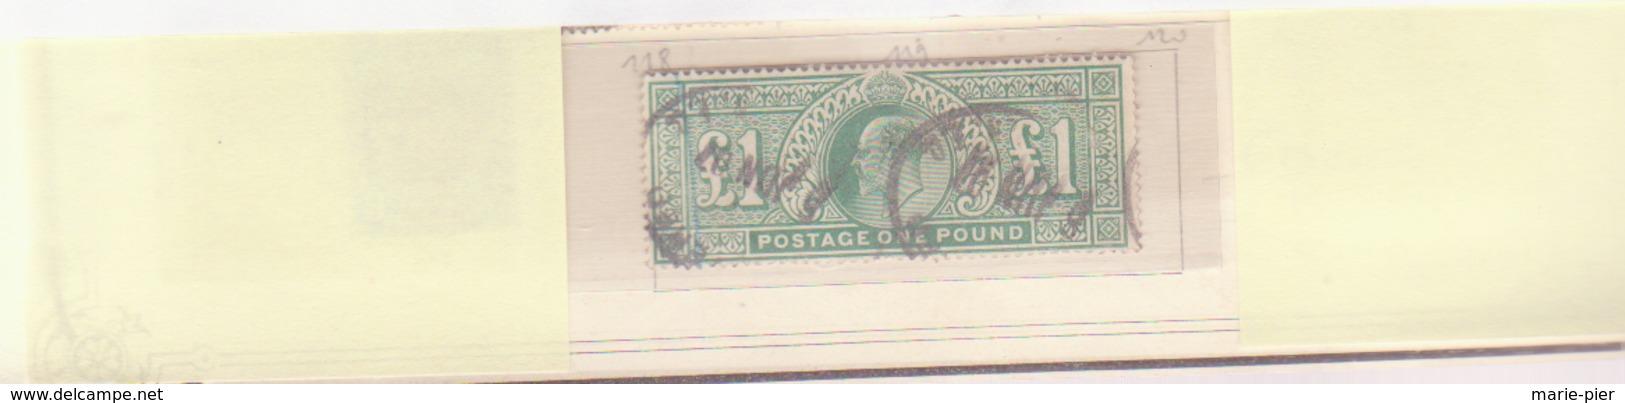 Timbre N°121- Yvert Et Tellier. - 1902-1951 (Rois)